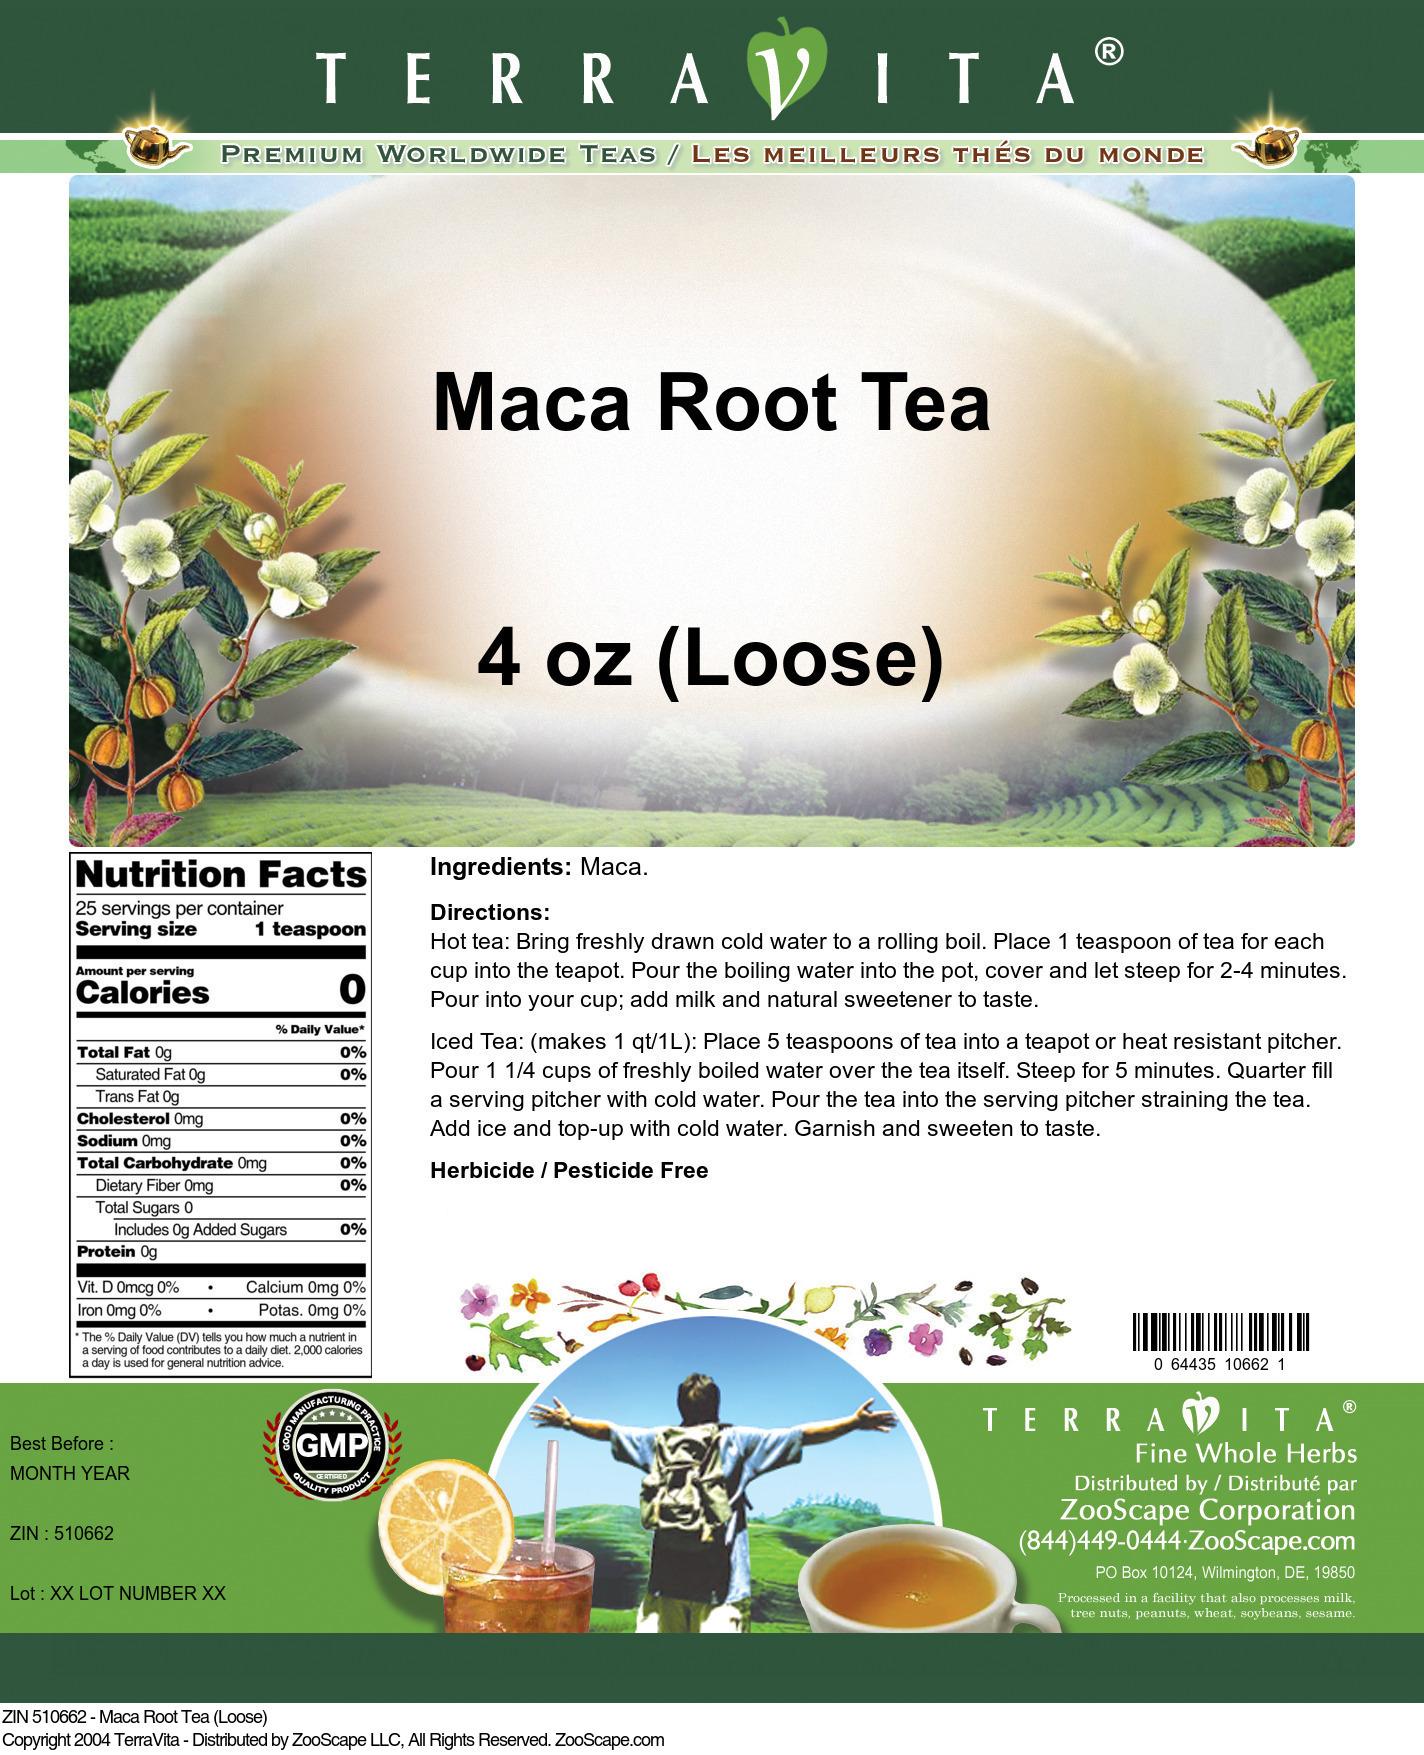 Maca Root Tea (Loose)